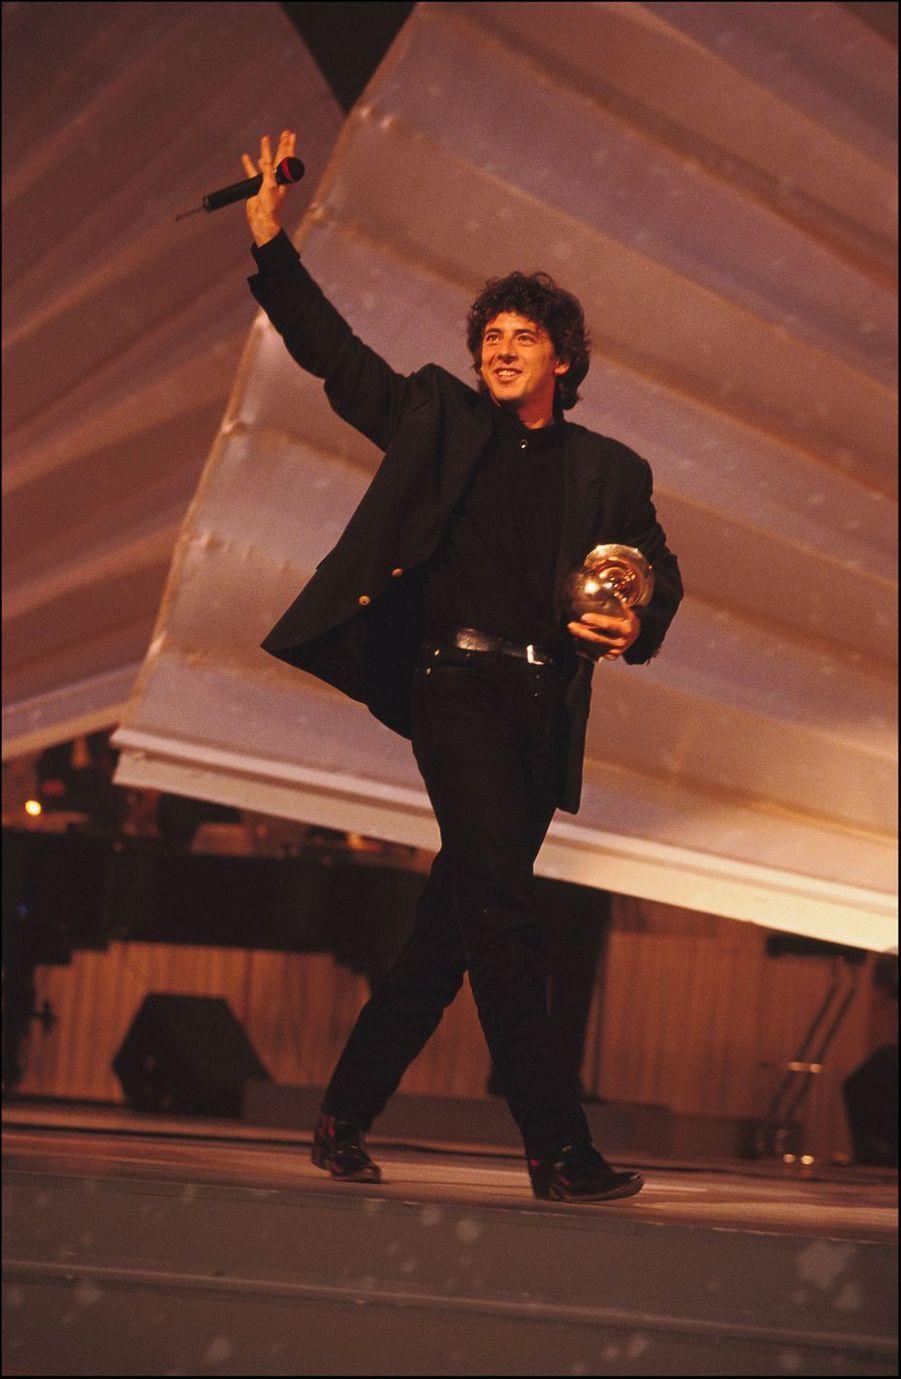 Patrick Bruel lors des Victoires de la musique en janvier 1992. Il avait reçu le prix del'artiste interprète masculin.